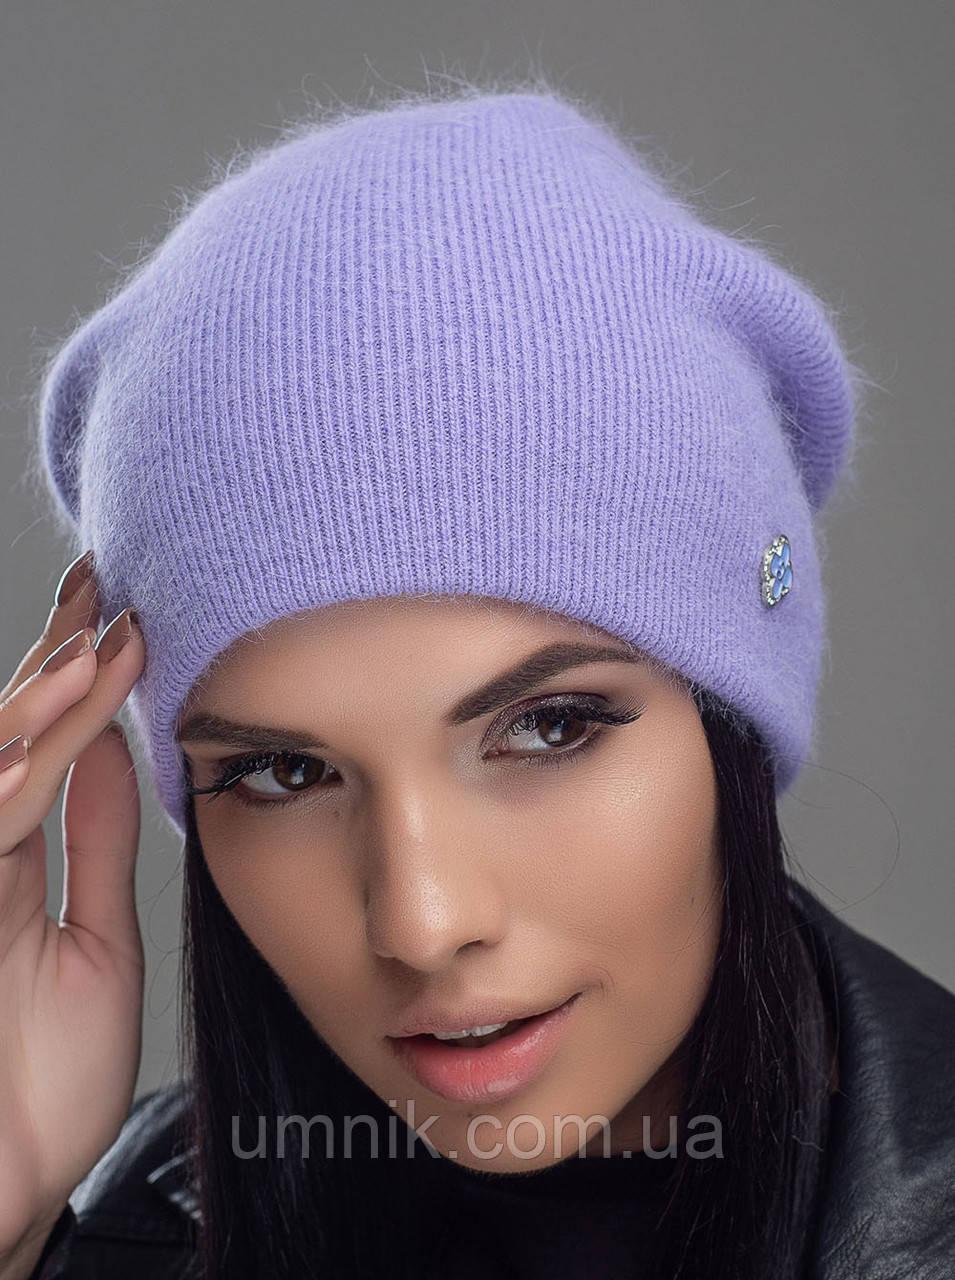 """Шапка вязаная женская """"Нарцисс"""" светло-фиолетовый 906464-15"""